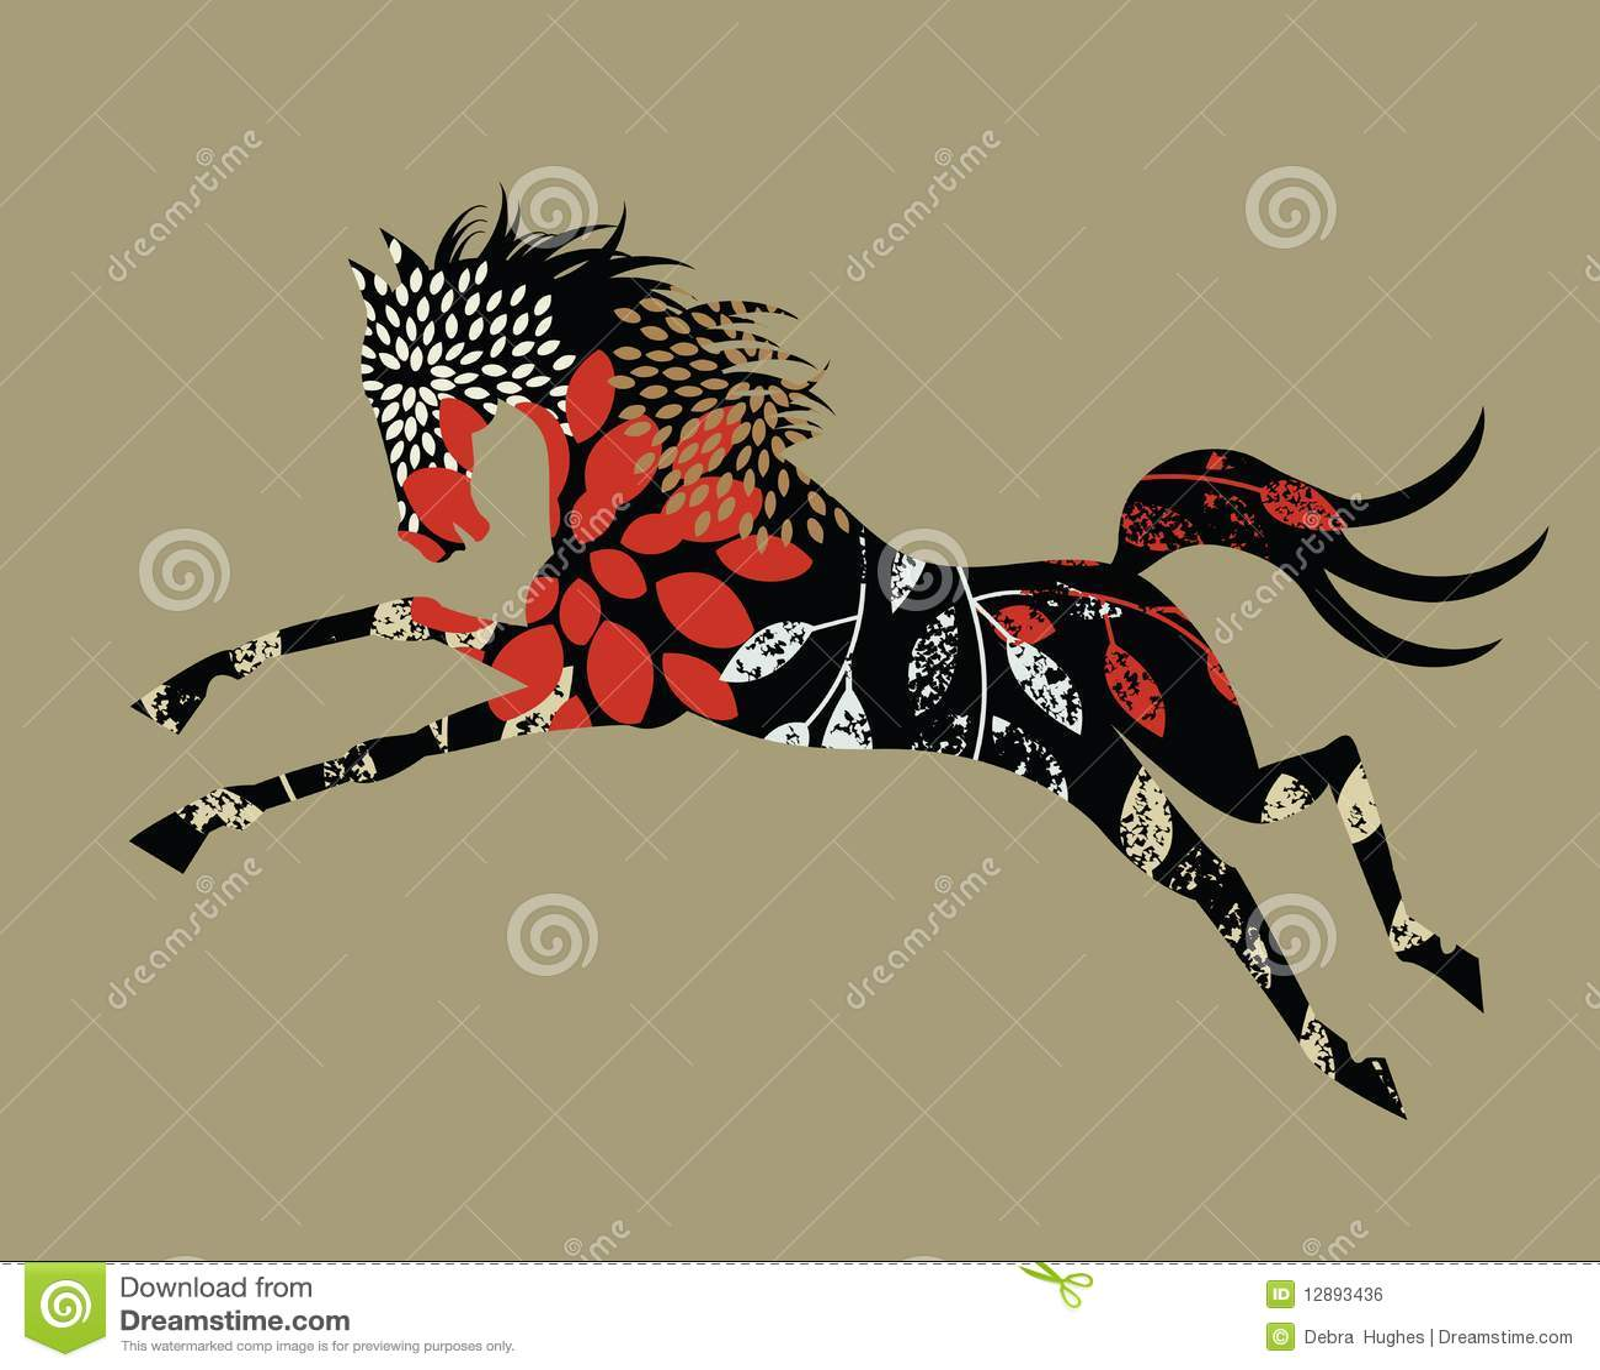 Cavallo selvaggio stilizzato illustrazione vettoriale for Cavallo stilizzato